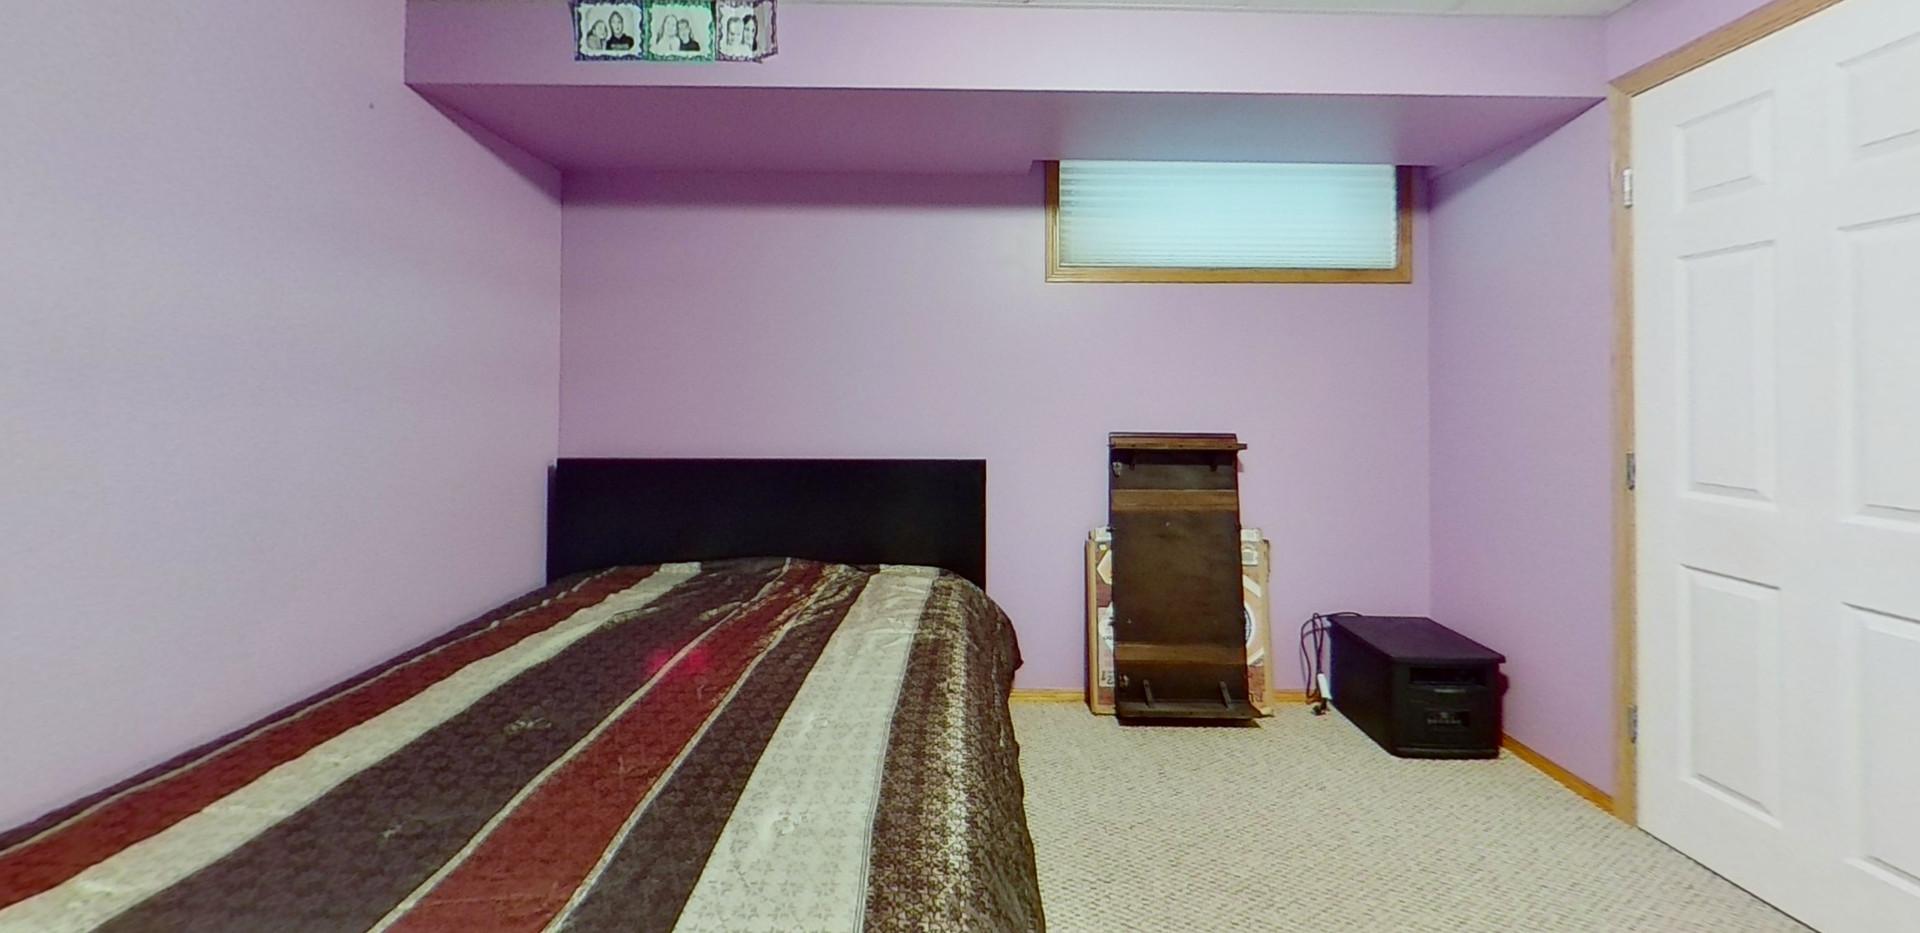 1143-Oakland-Dr-Bedroom-4.jpg